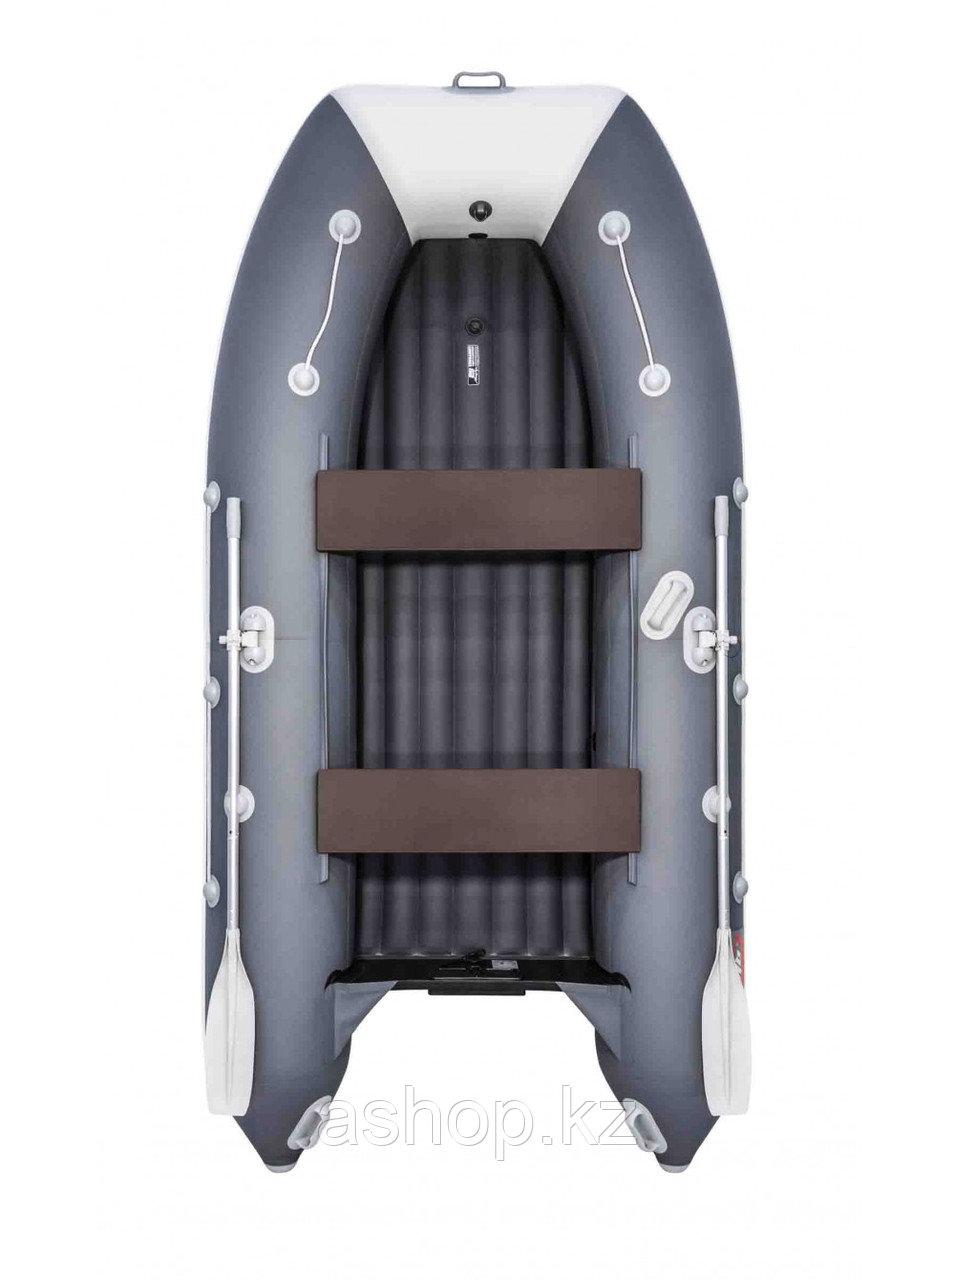 Лодка надувная моторно-гребная килевая Таймень 3400 НДНД PRO, Грузоподъемность: 650кг, Вместимость: 4 чел.,